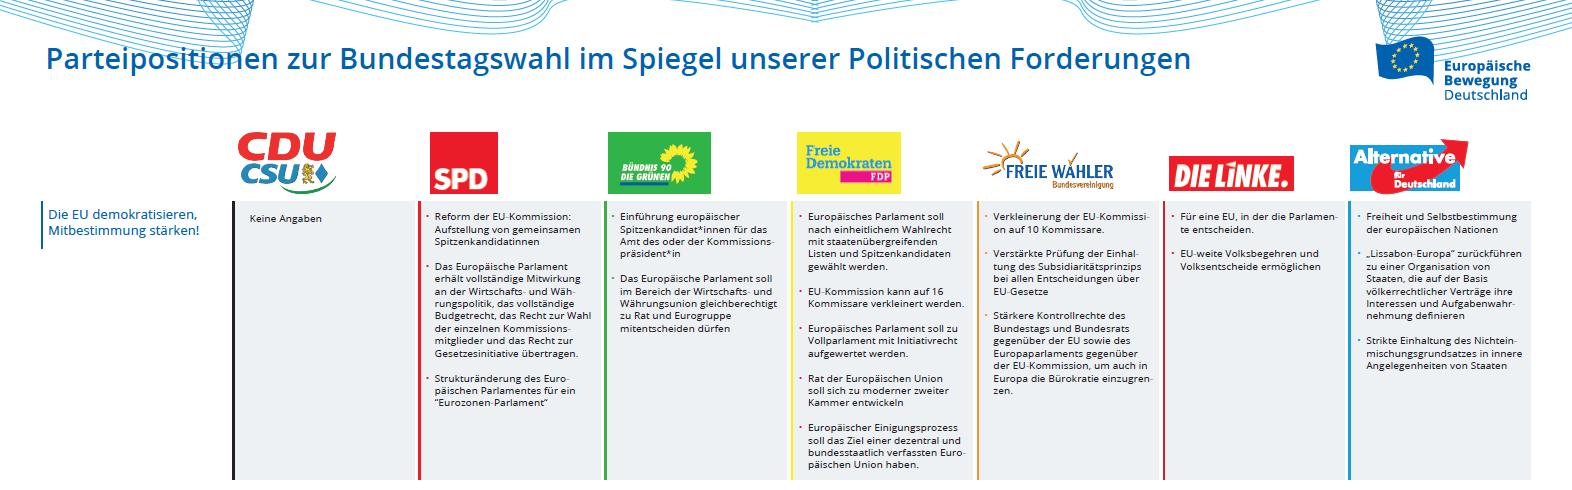 Parteiprogramme im Spiegel der EBD-Politik